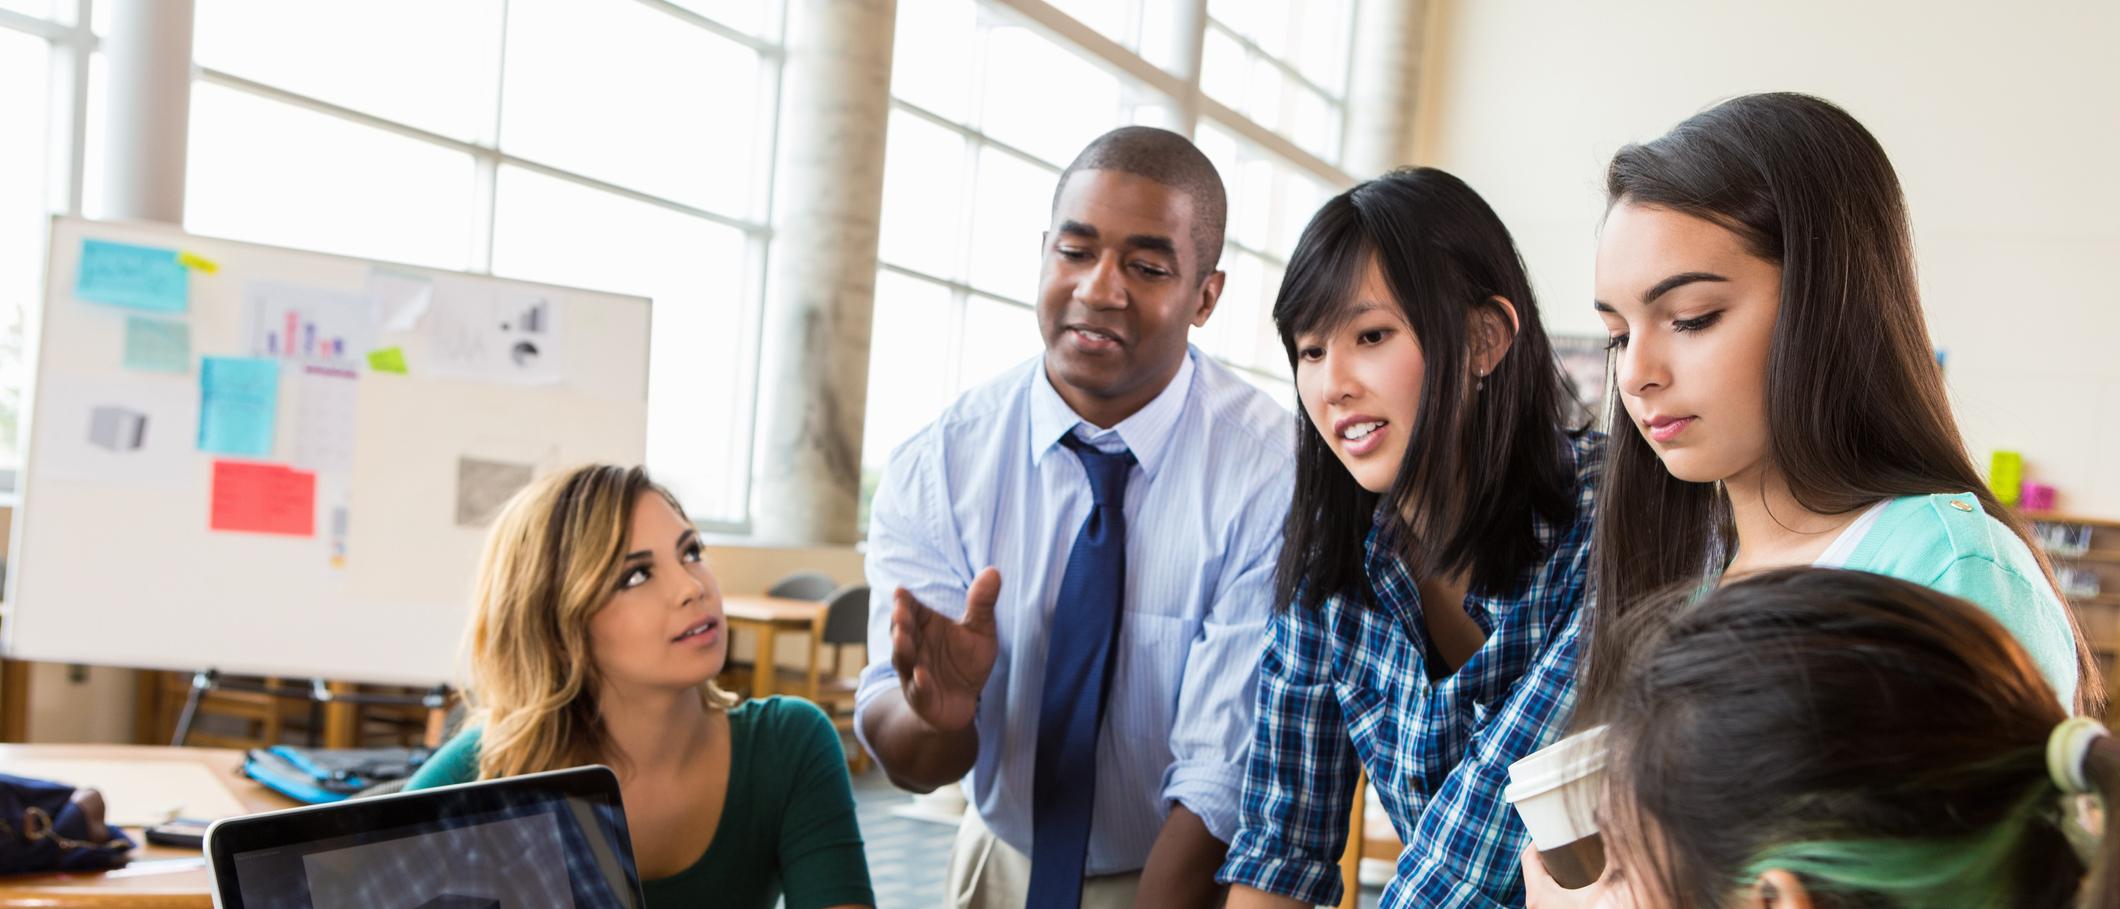 Afinal, o que é Educação Empreendedora?